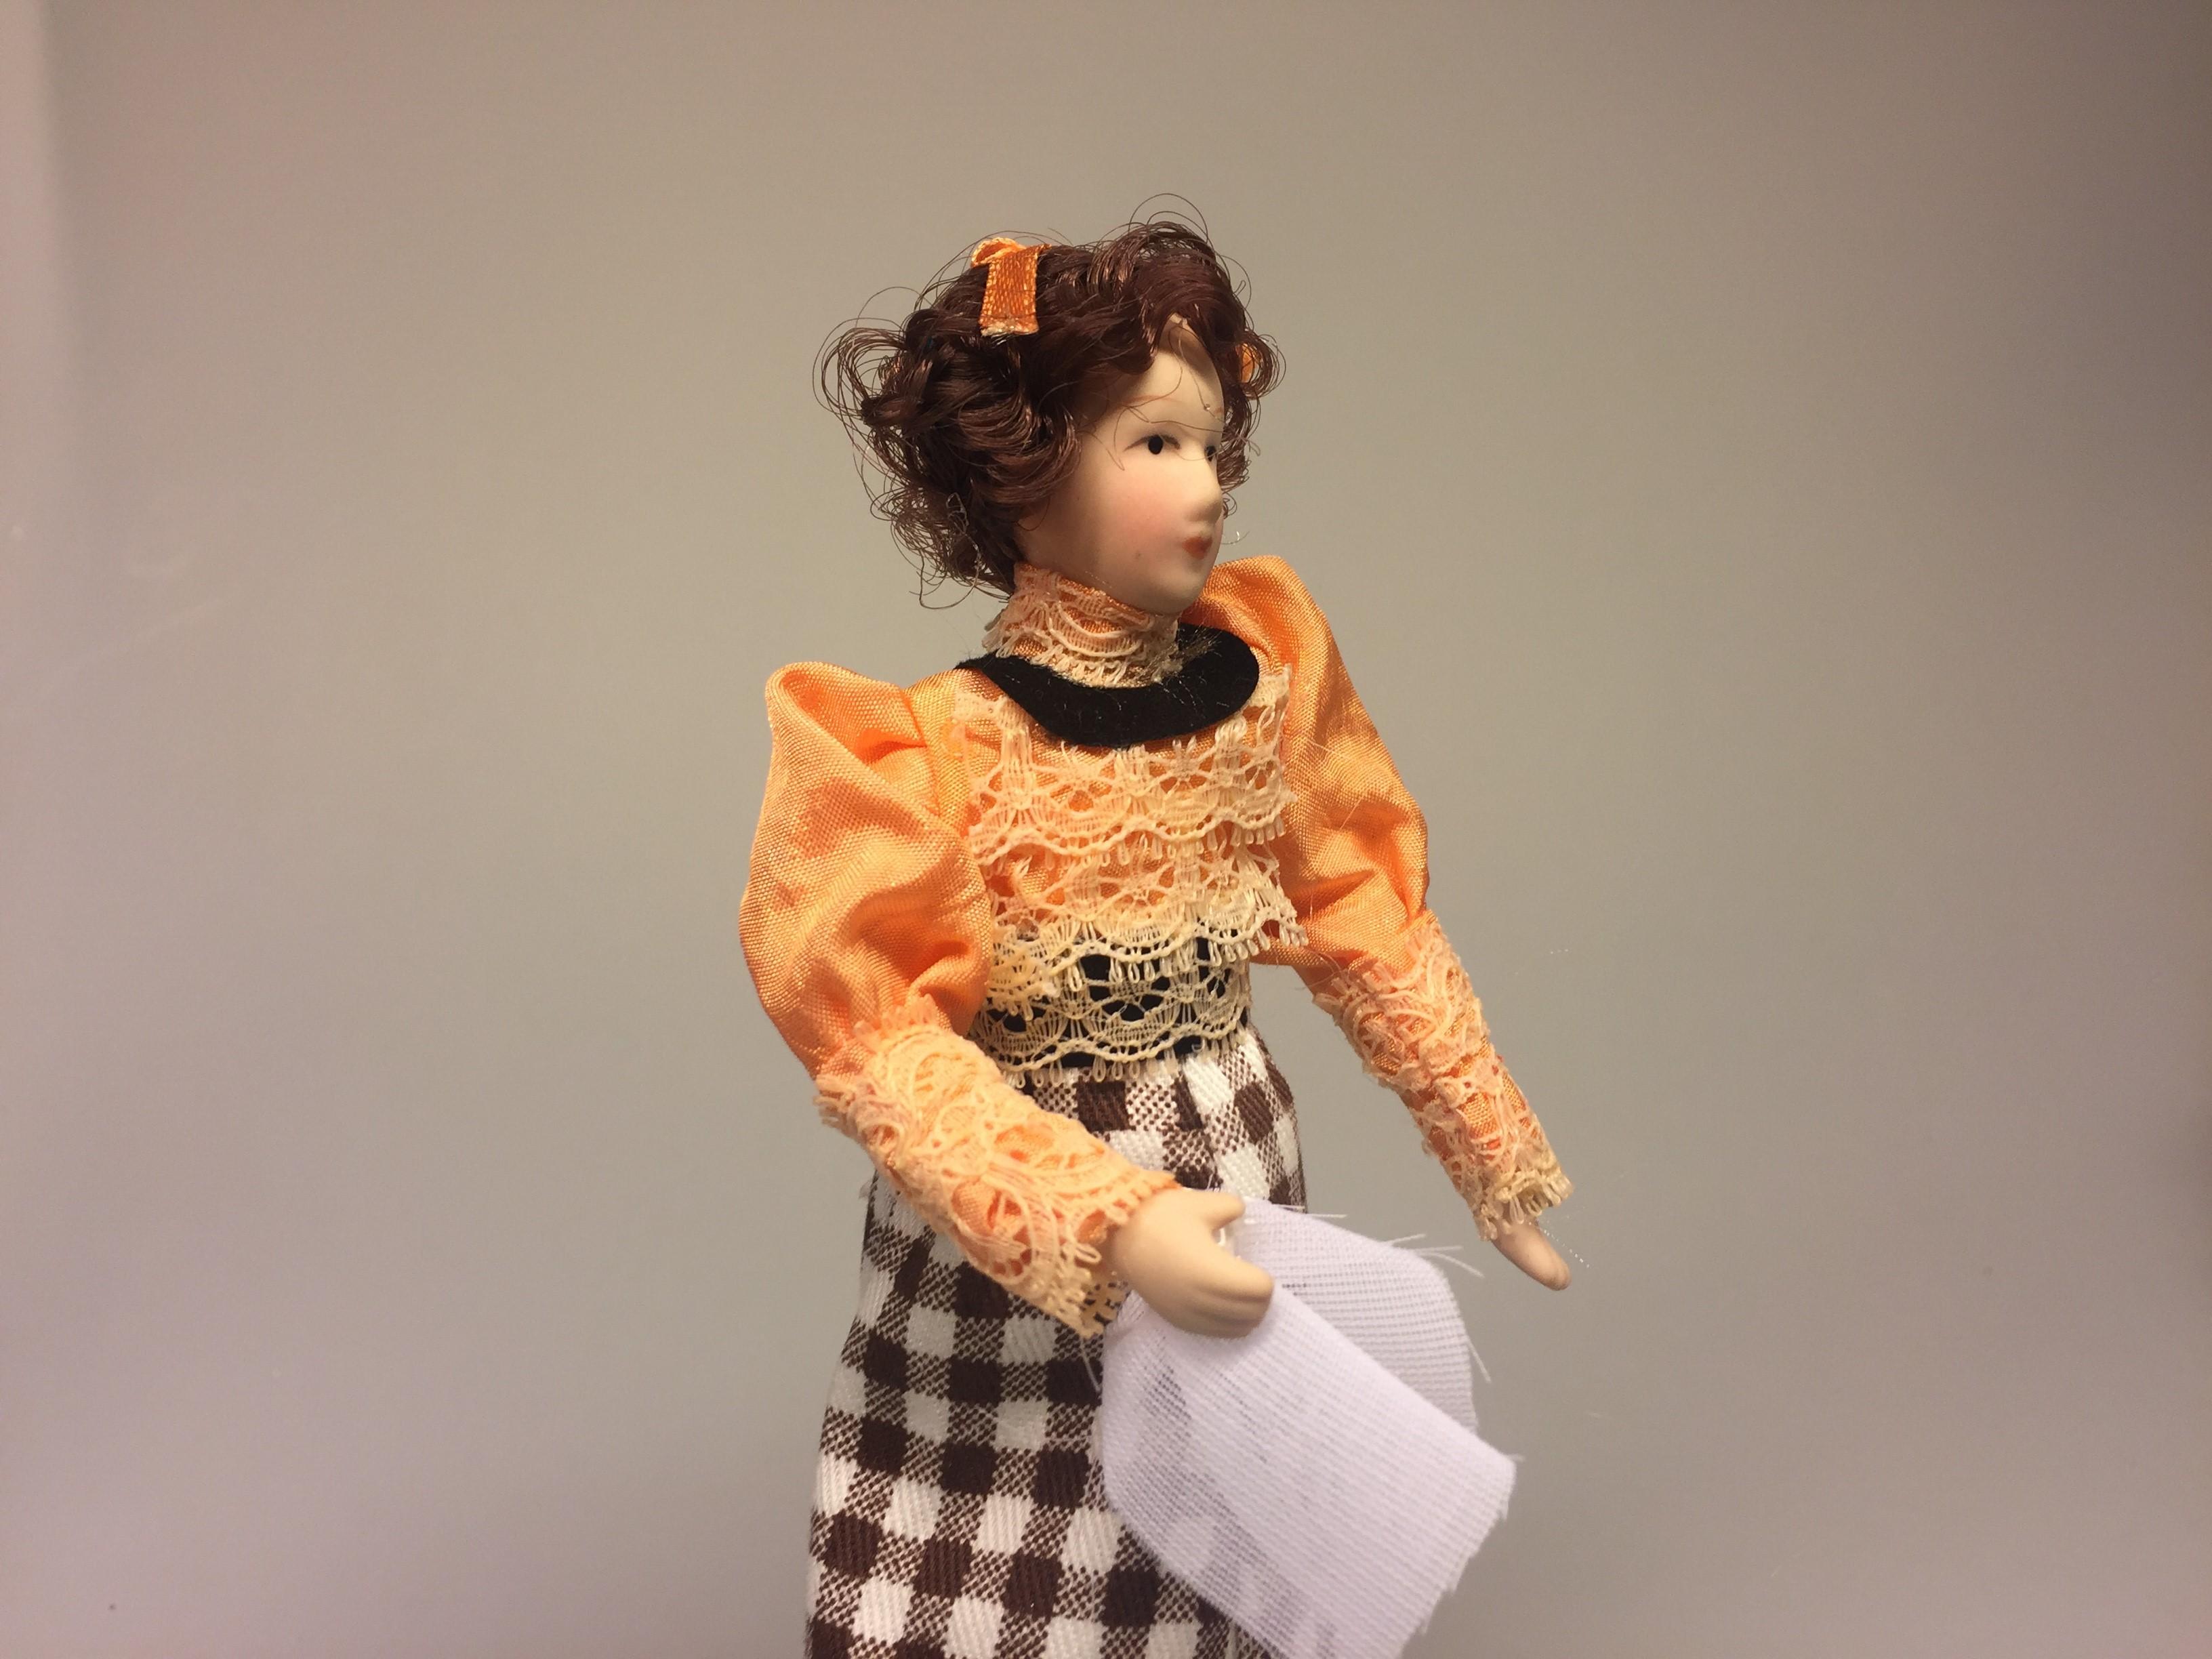 Dukke med ternet nederdel og ferskenfarvet bluse, aprikos, dukkehusdukke, dame, mor, miniature, miniaturer, dukke, frue, lærerinde, dukkehusting, til dukkehuset, dukkehjem, biti, ribe